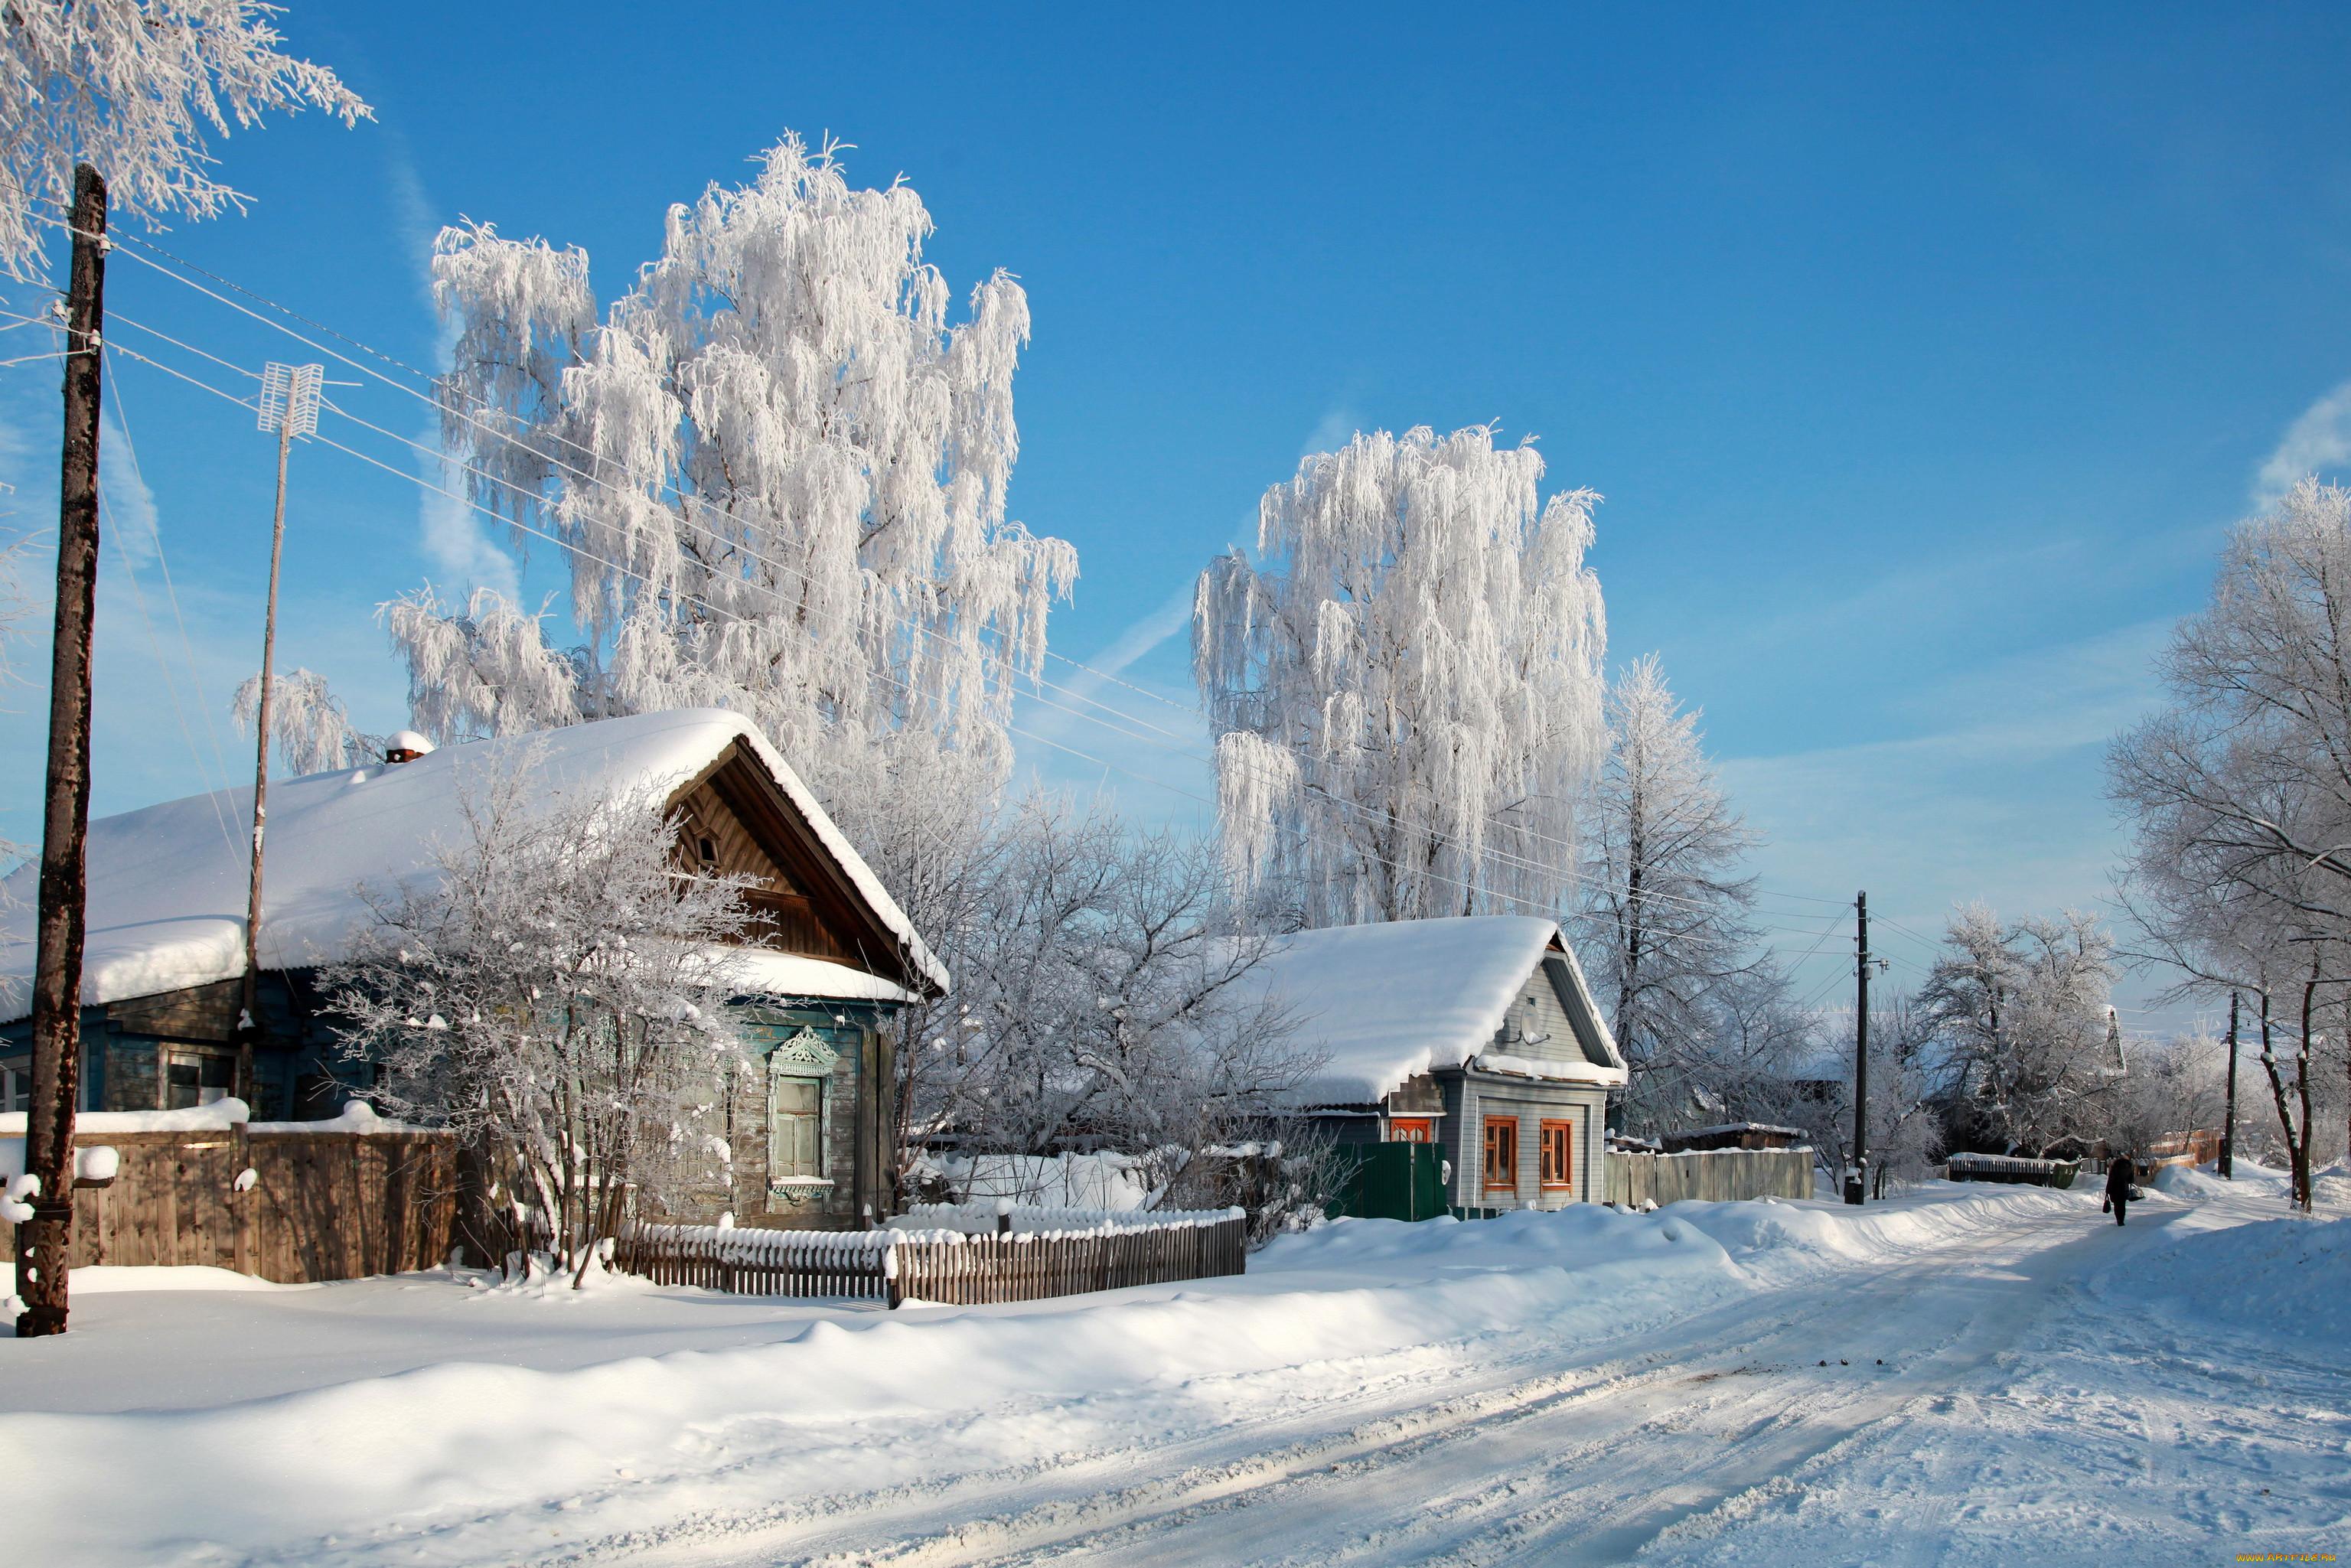 мне картинки для рабочего стола зима в деревне немного